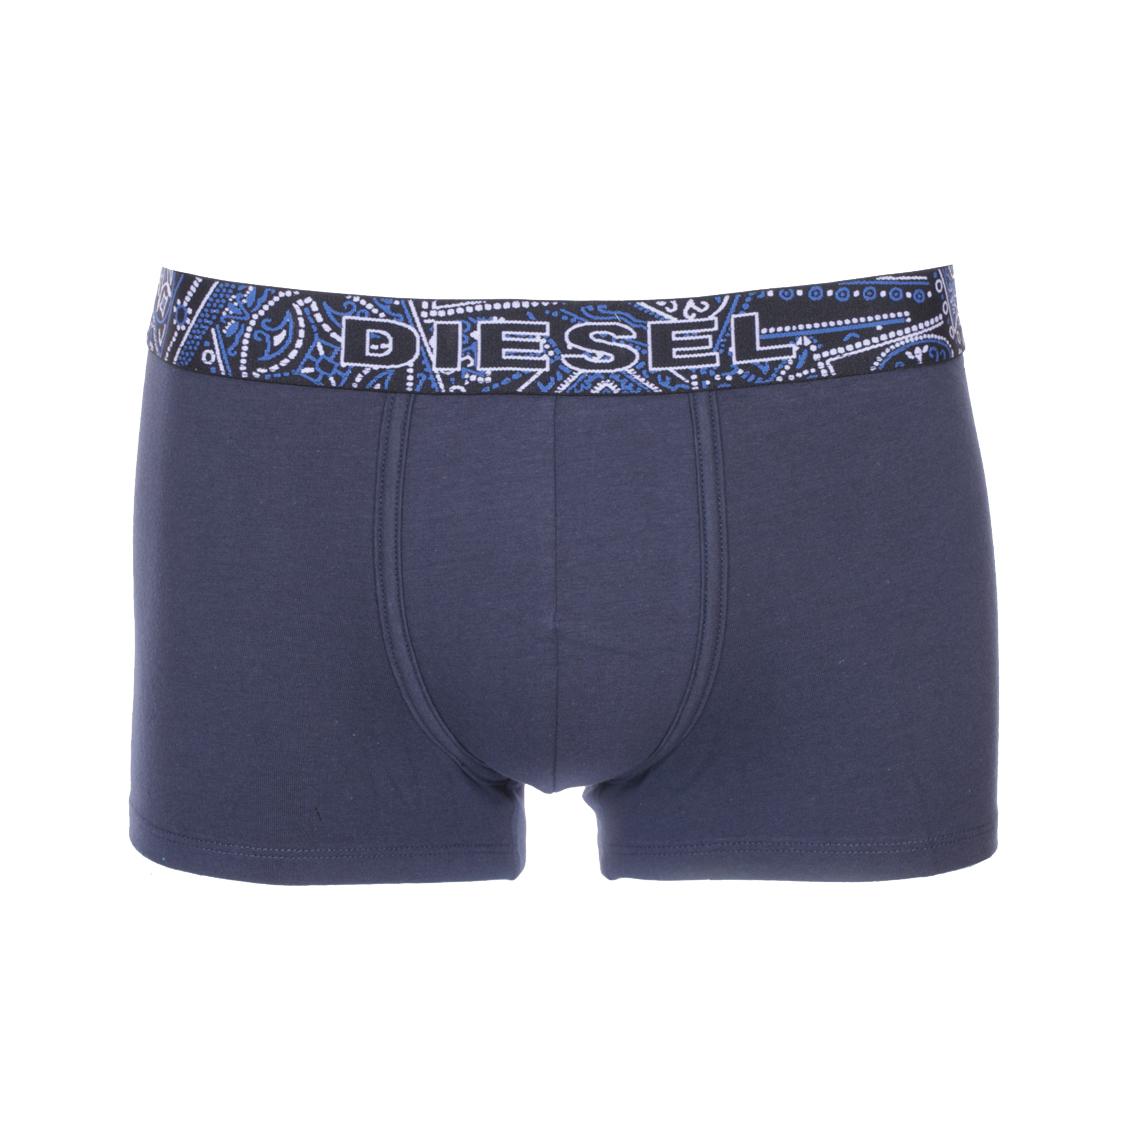 Boxer diesel instant looks en coton stretch bleu marine à ceinture à motifs fantaisie blancs et bleus